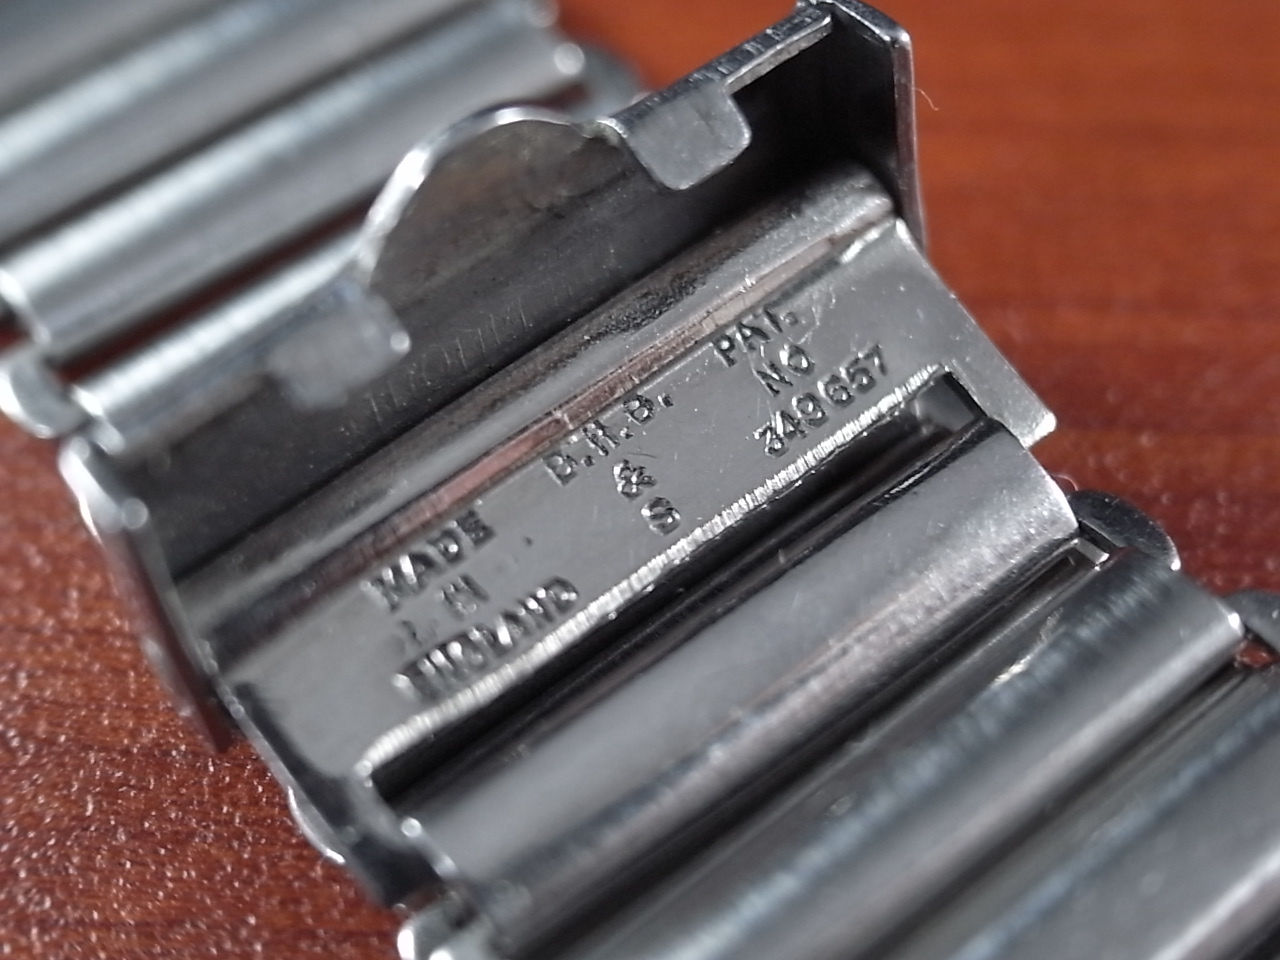 ボンクリップ バンブーブレス SS ブロック体ロゴ 16mmタイプ 16mm BONKLIPの写真3枚目